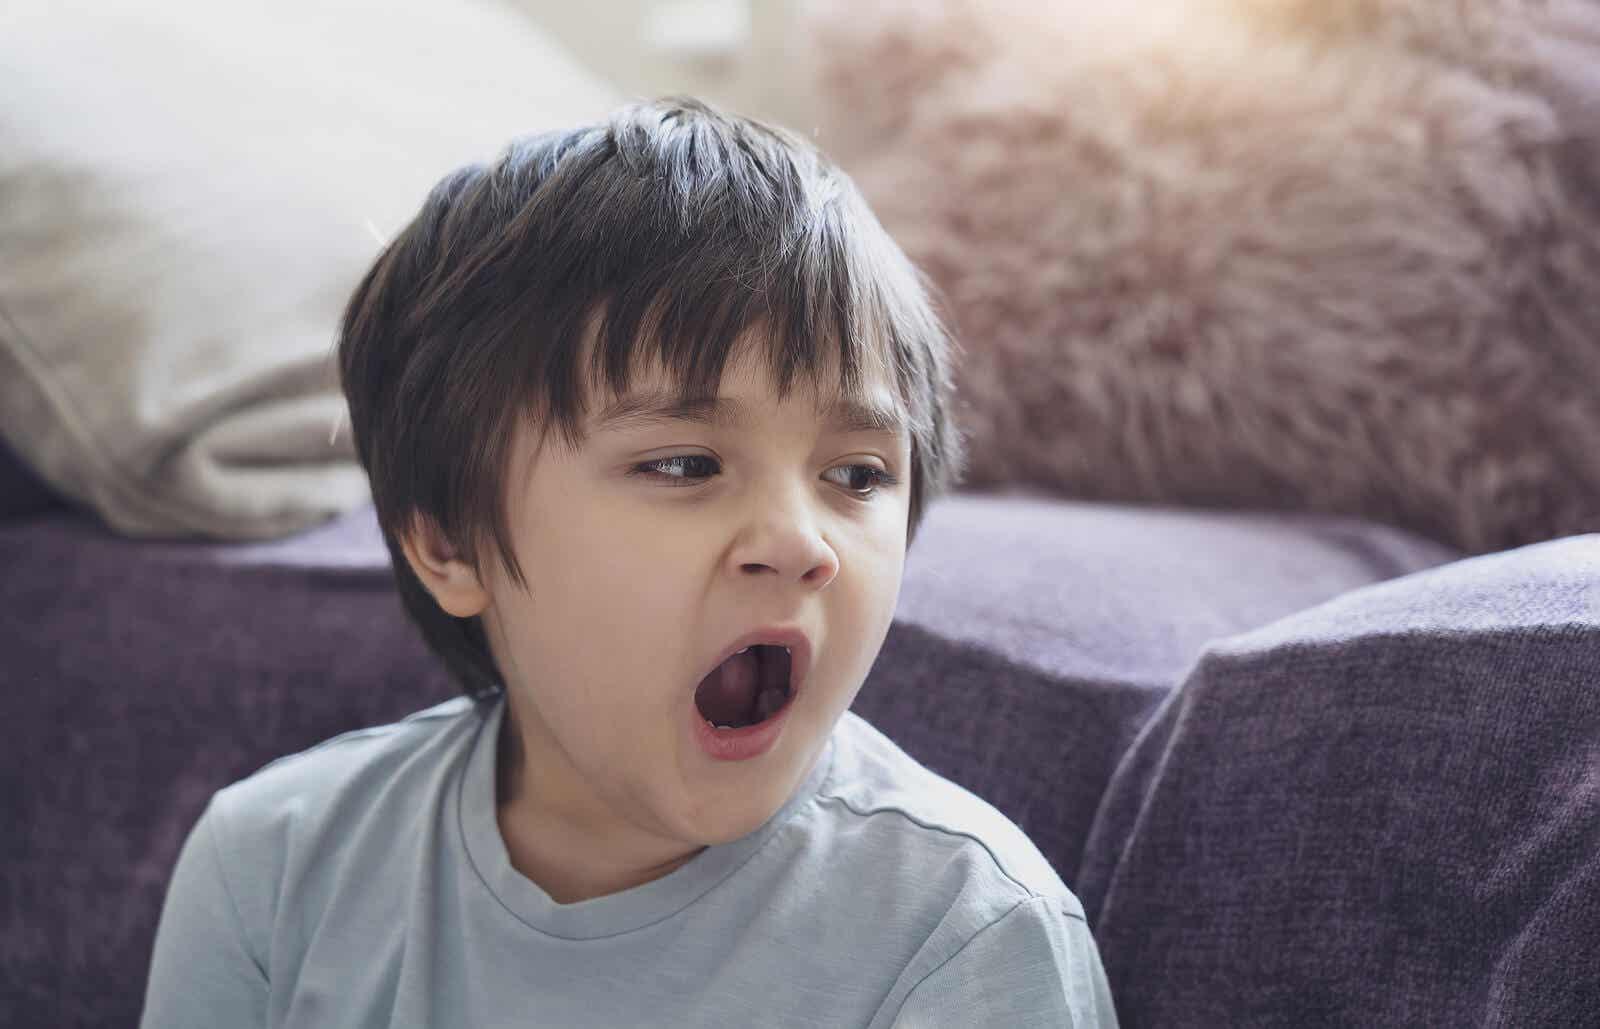 A child yawning.